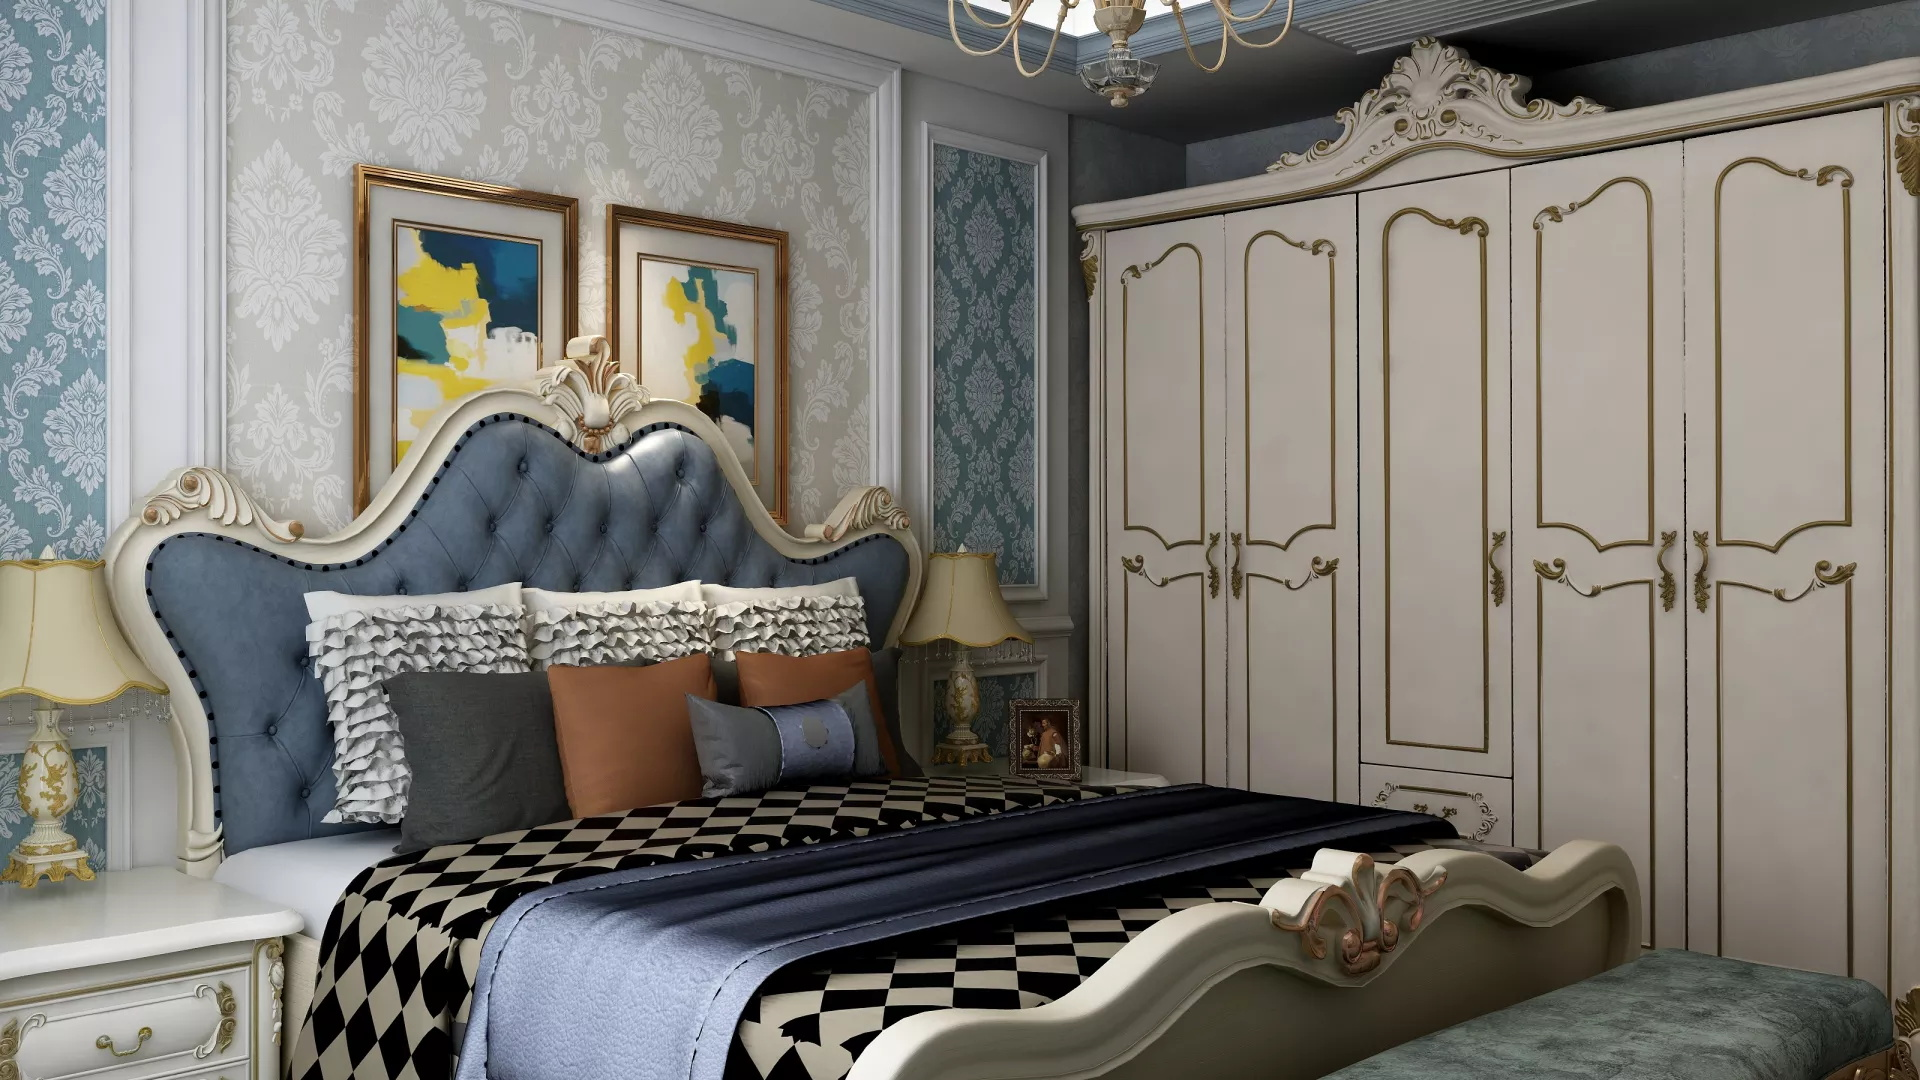 地中海风格家具好吗 如何选购地中海风格家具